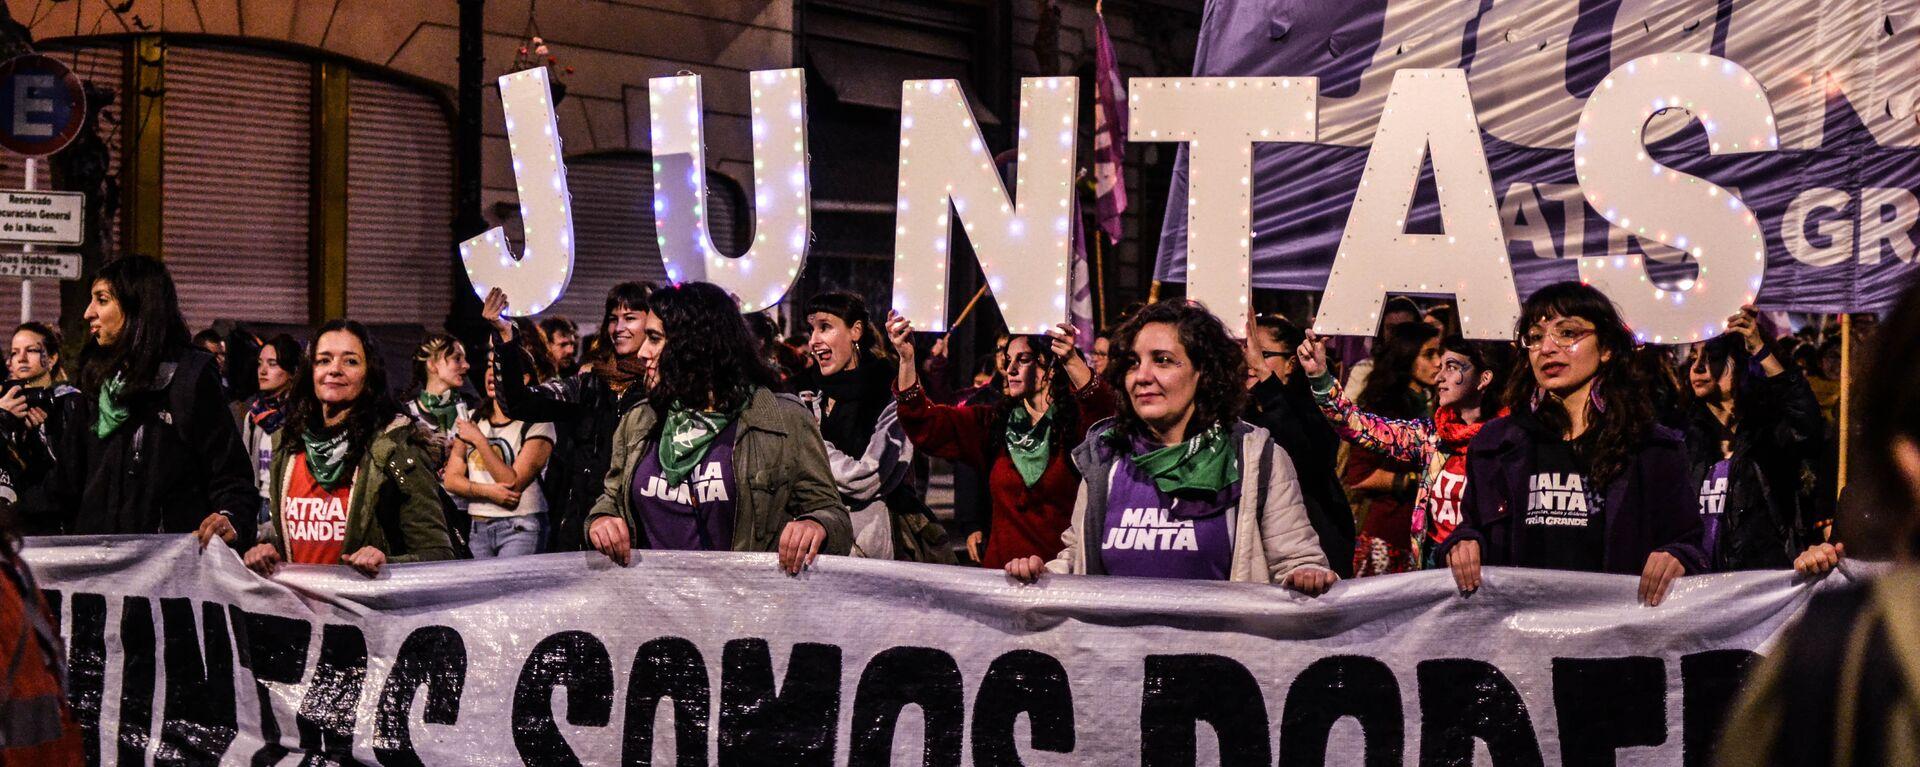 Marcha por los derechos de la mujer en Argentina - Sputnik Mundo, 1920, 03.03.2021